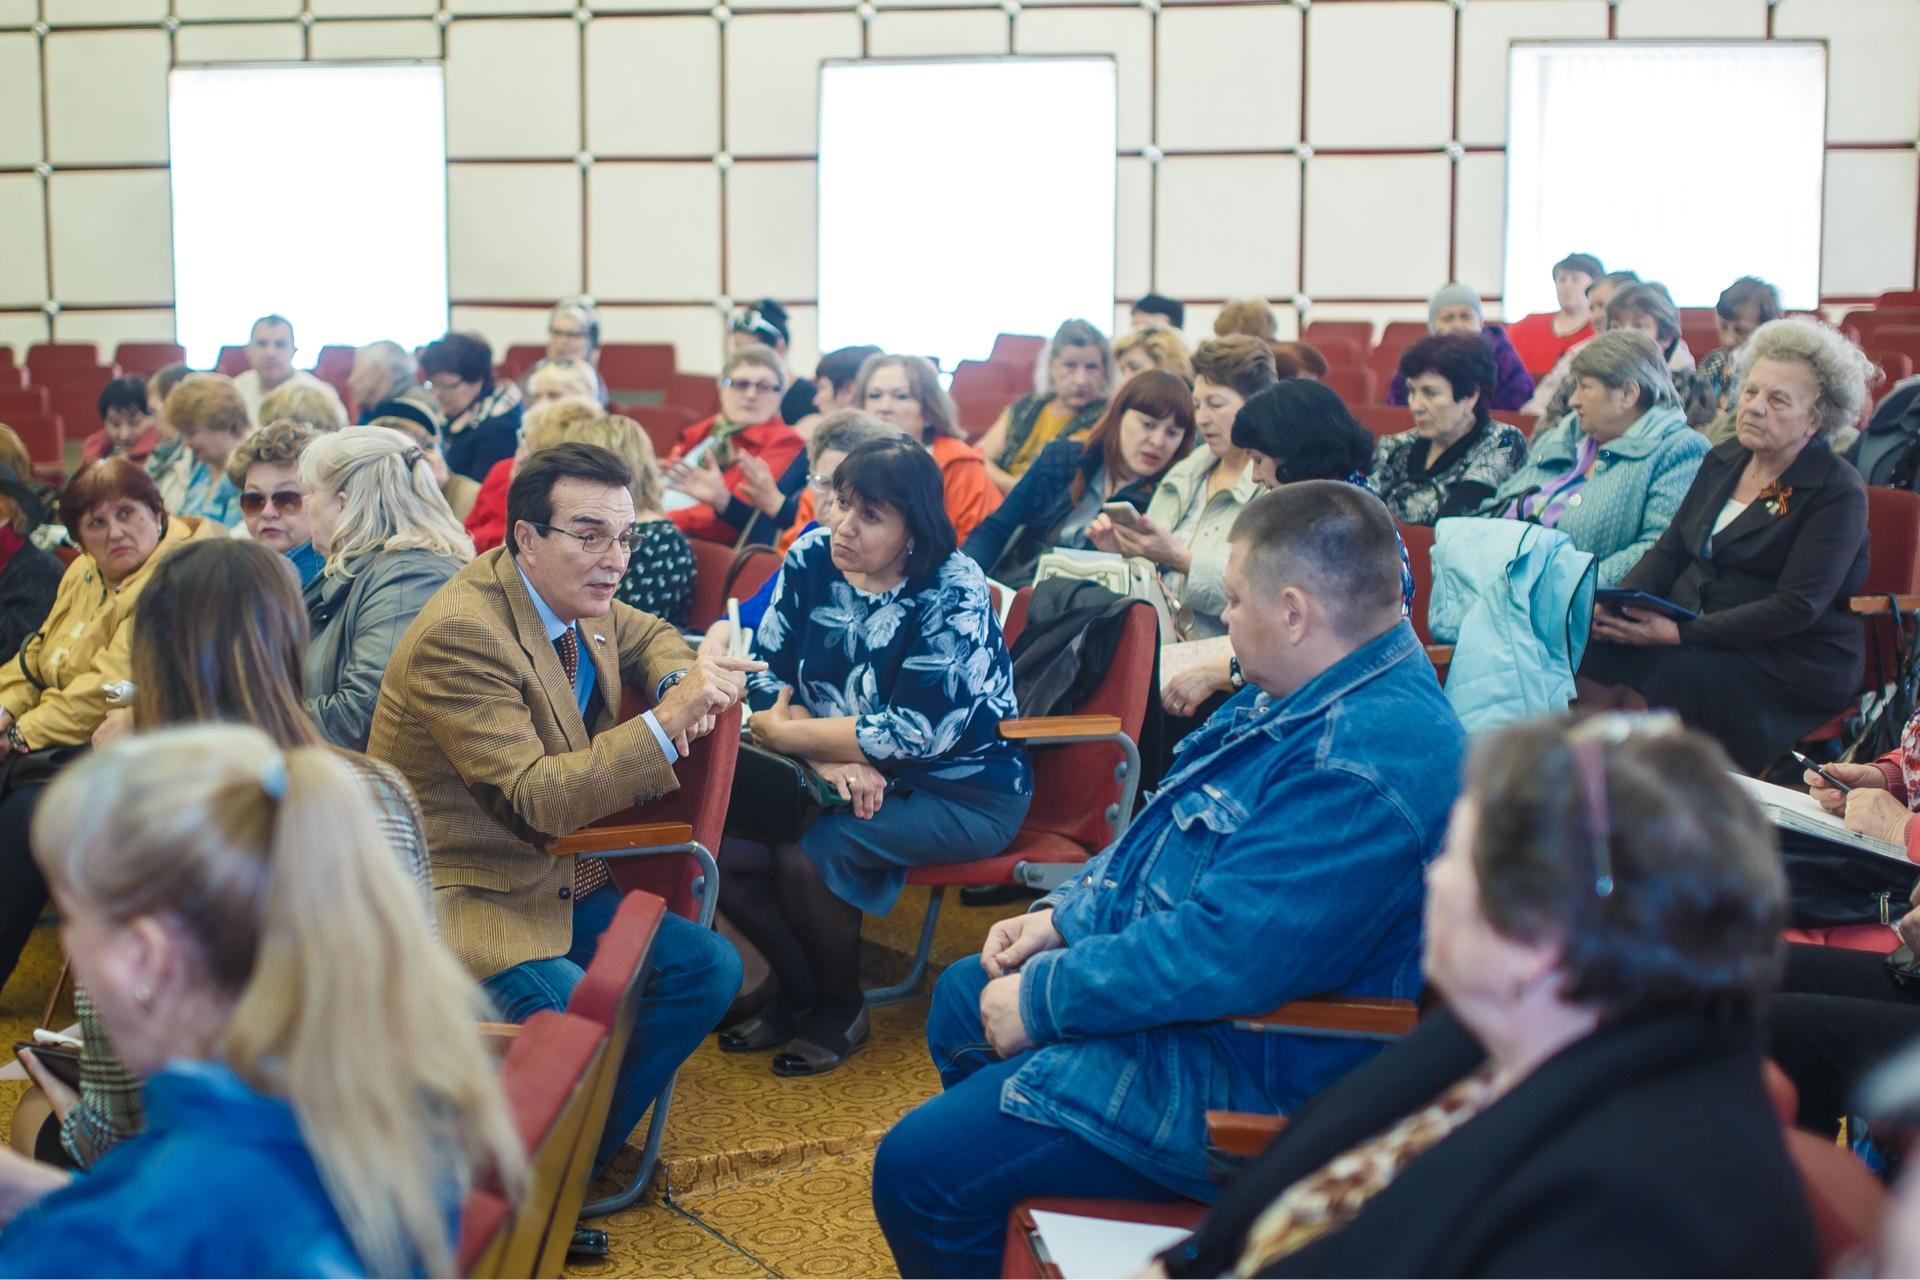 Александр Максимов: Только обученные старшие домов могут эффективно управлять жилым фондом